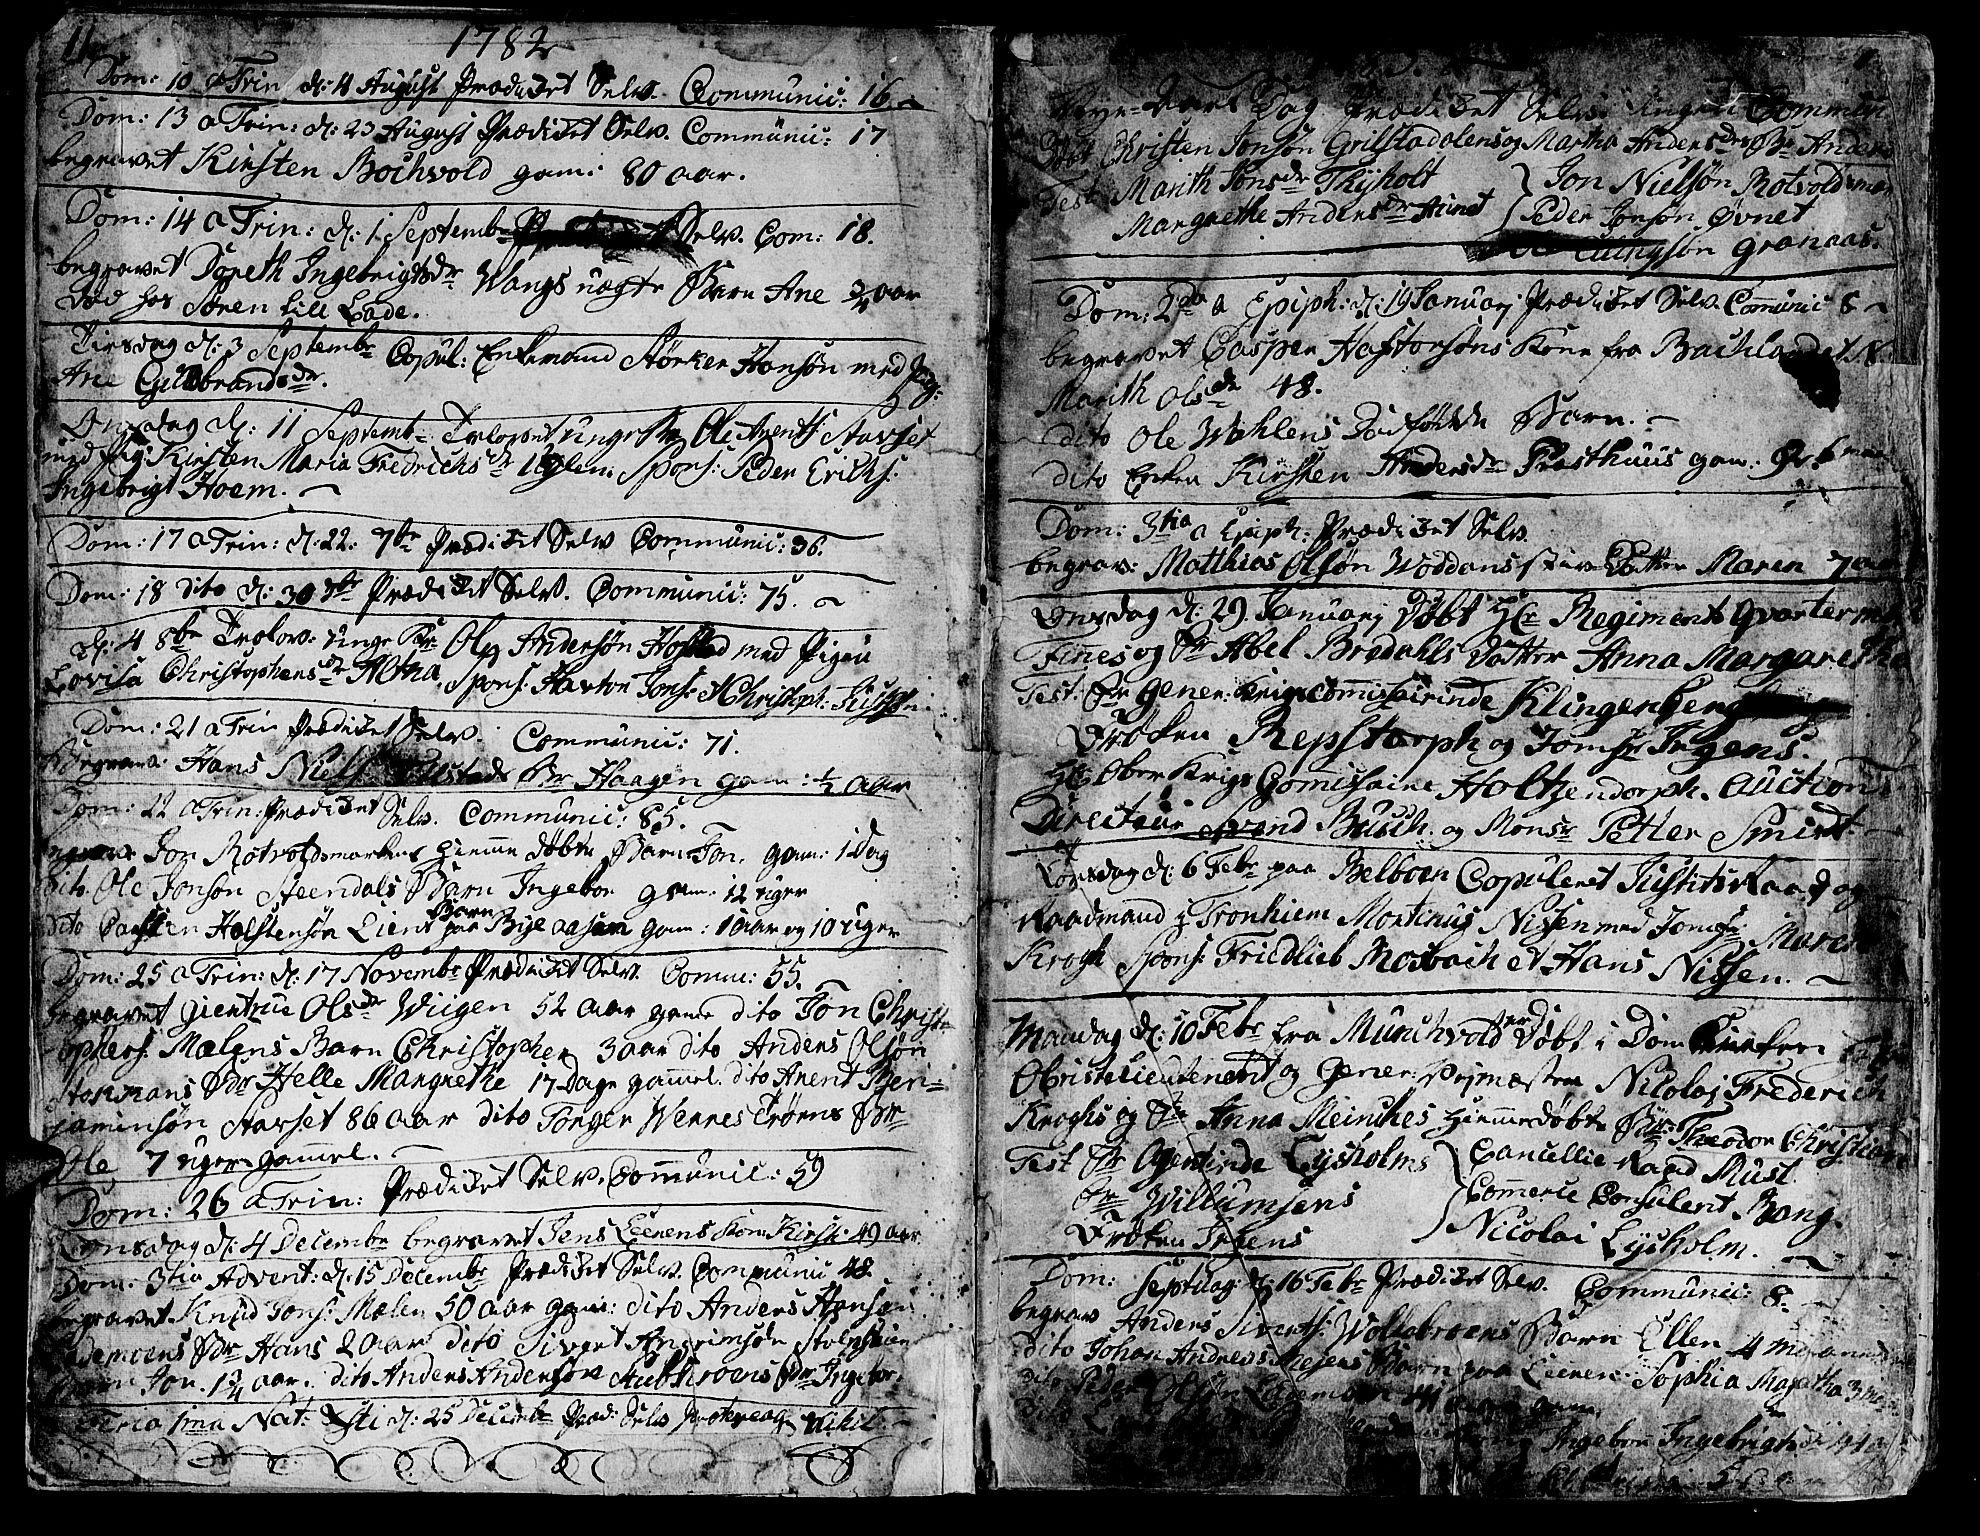 SAT, Ministerialprotokoller, klokkerbøker og fødselsregistre - Sør-Trøndelag, 606/L0280: Ministerialbok nr. 606A02 /1, 1781-1817, s. 11-12